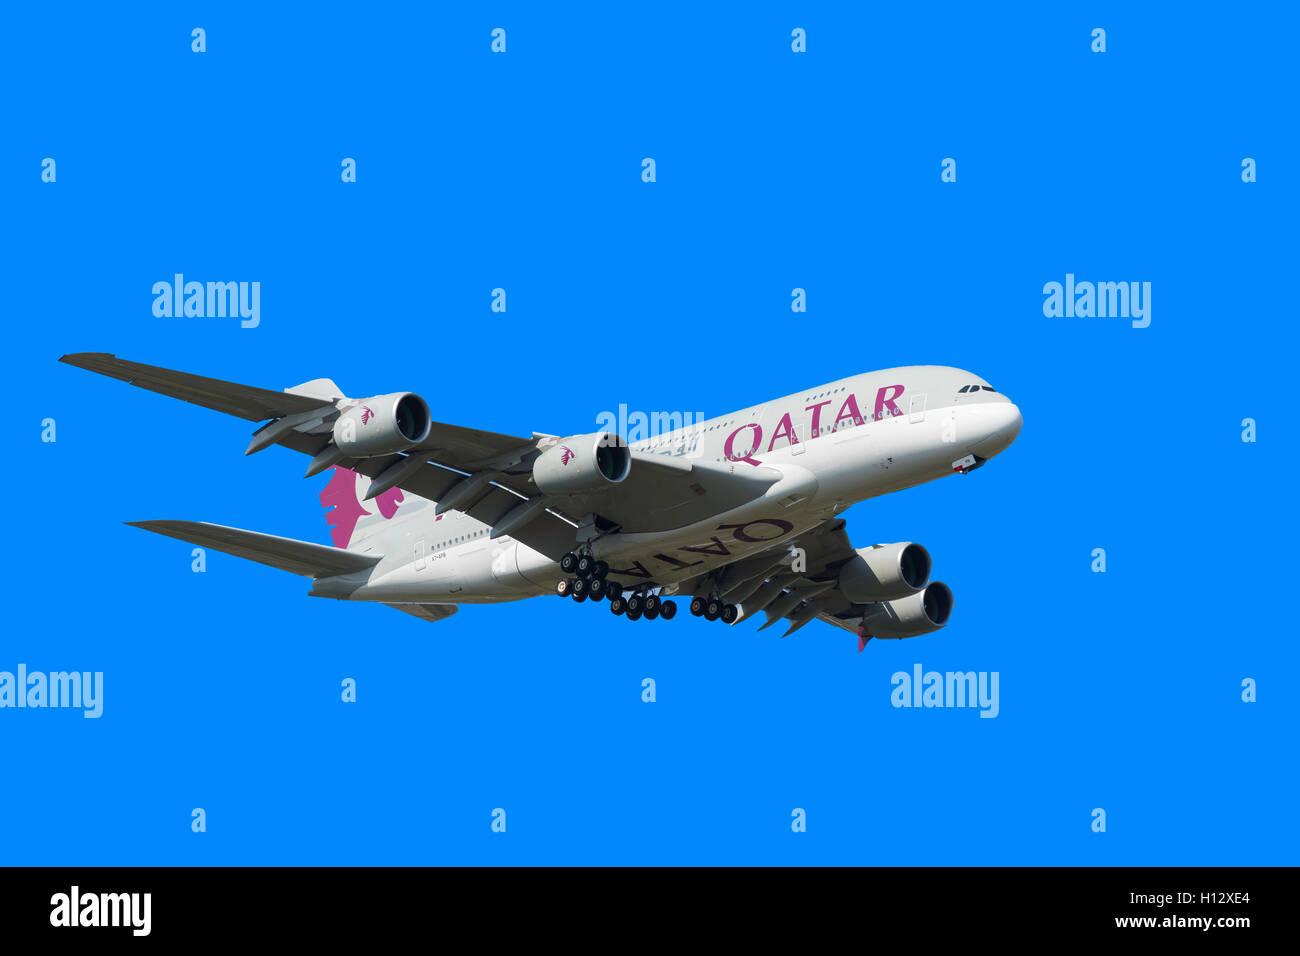 Qatar Airways Airbus A380 aterrizando en el aeropuerto de Heathrow, London Borough of hillingdon, Greater London, Imagen De Stock